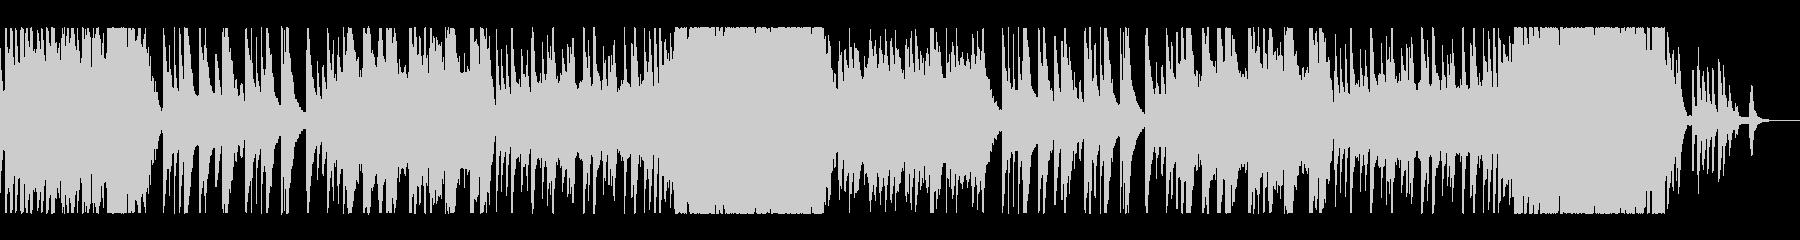 切ない雰囲気のオーケストラバラードの未再生の波形